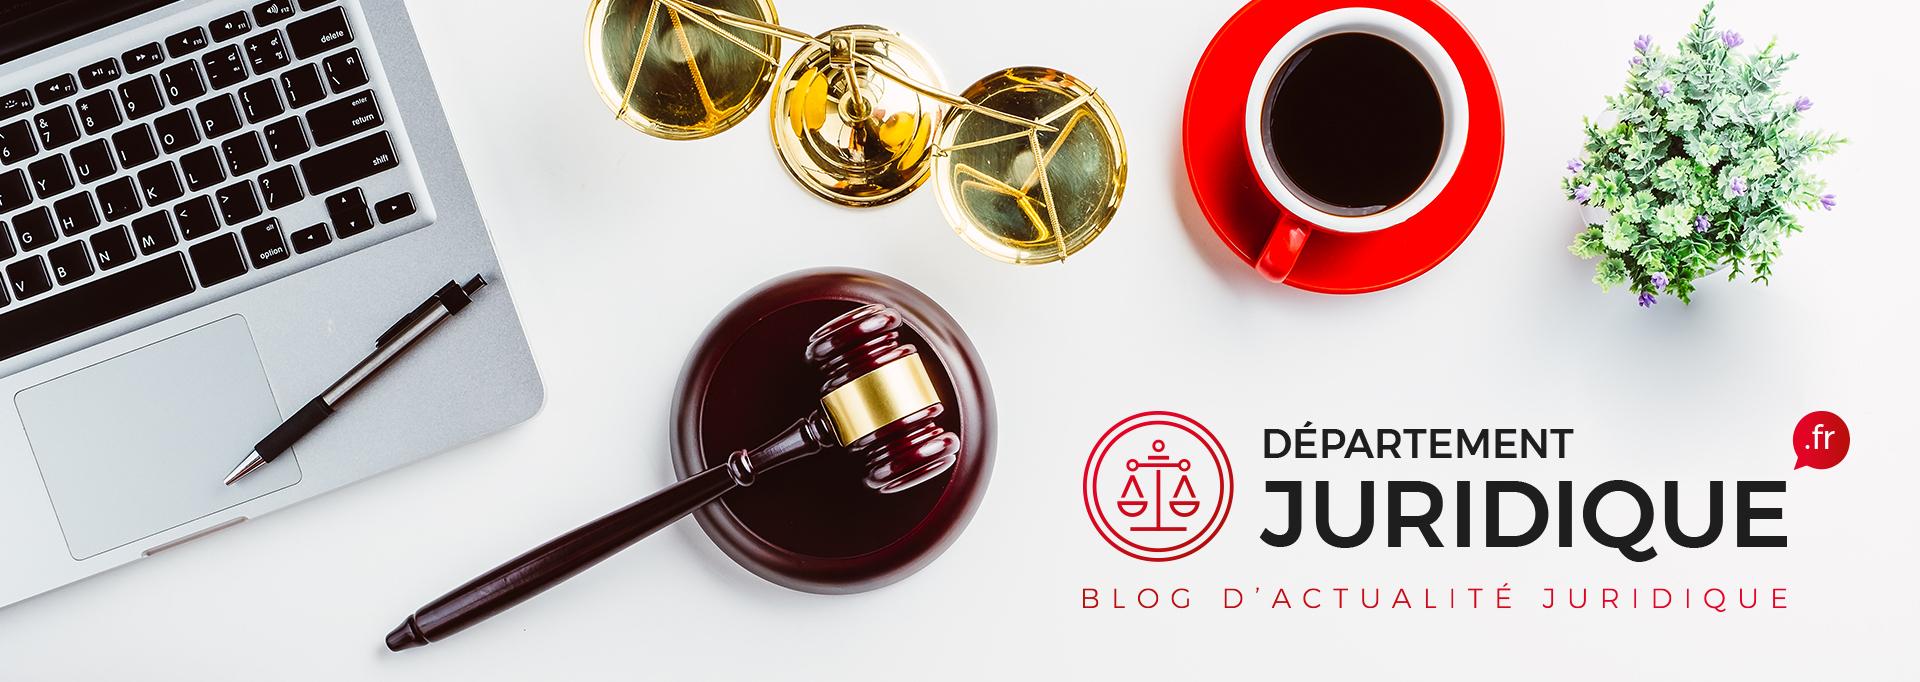 bandeau-facebook-departement-juridique